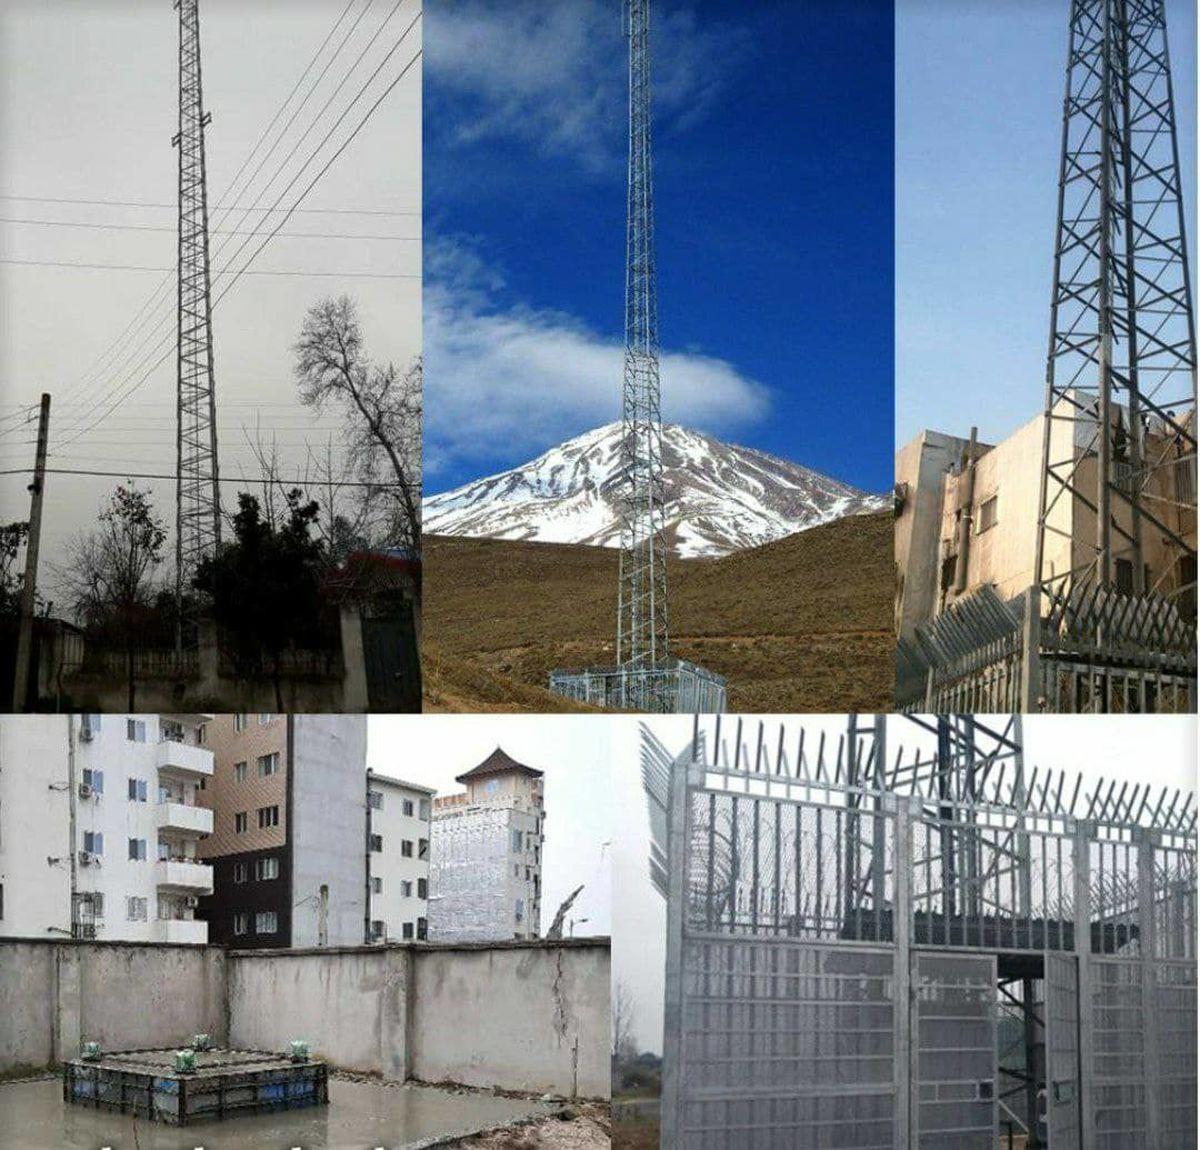 ۷۹سایت جدید در استان مازندران به شبکه همراه اول پیوست